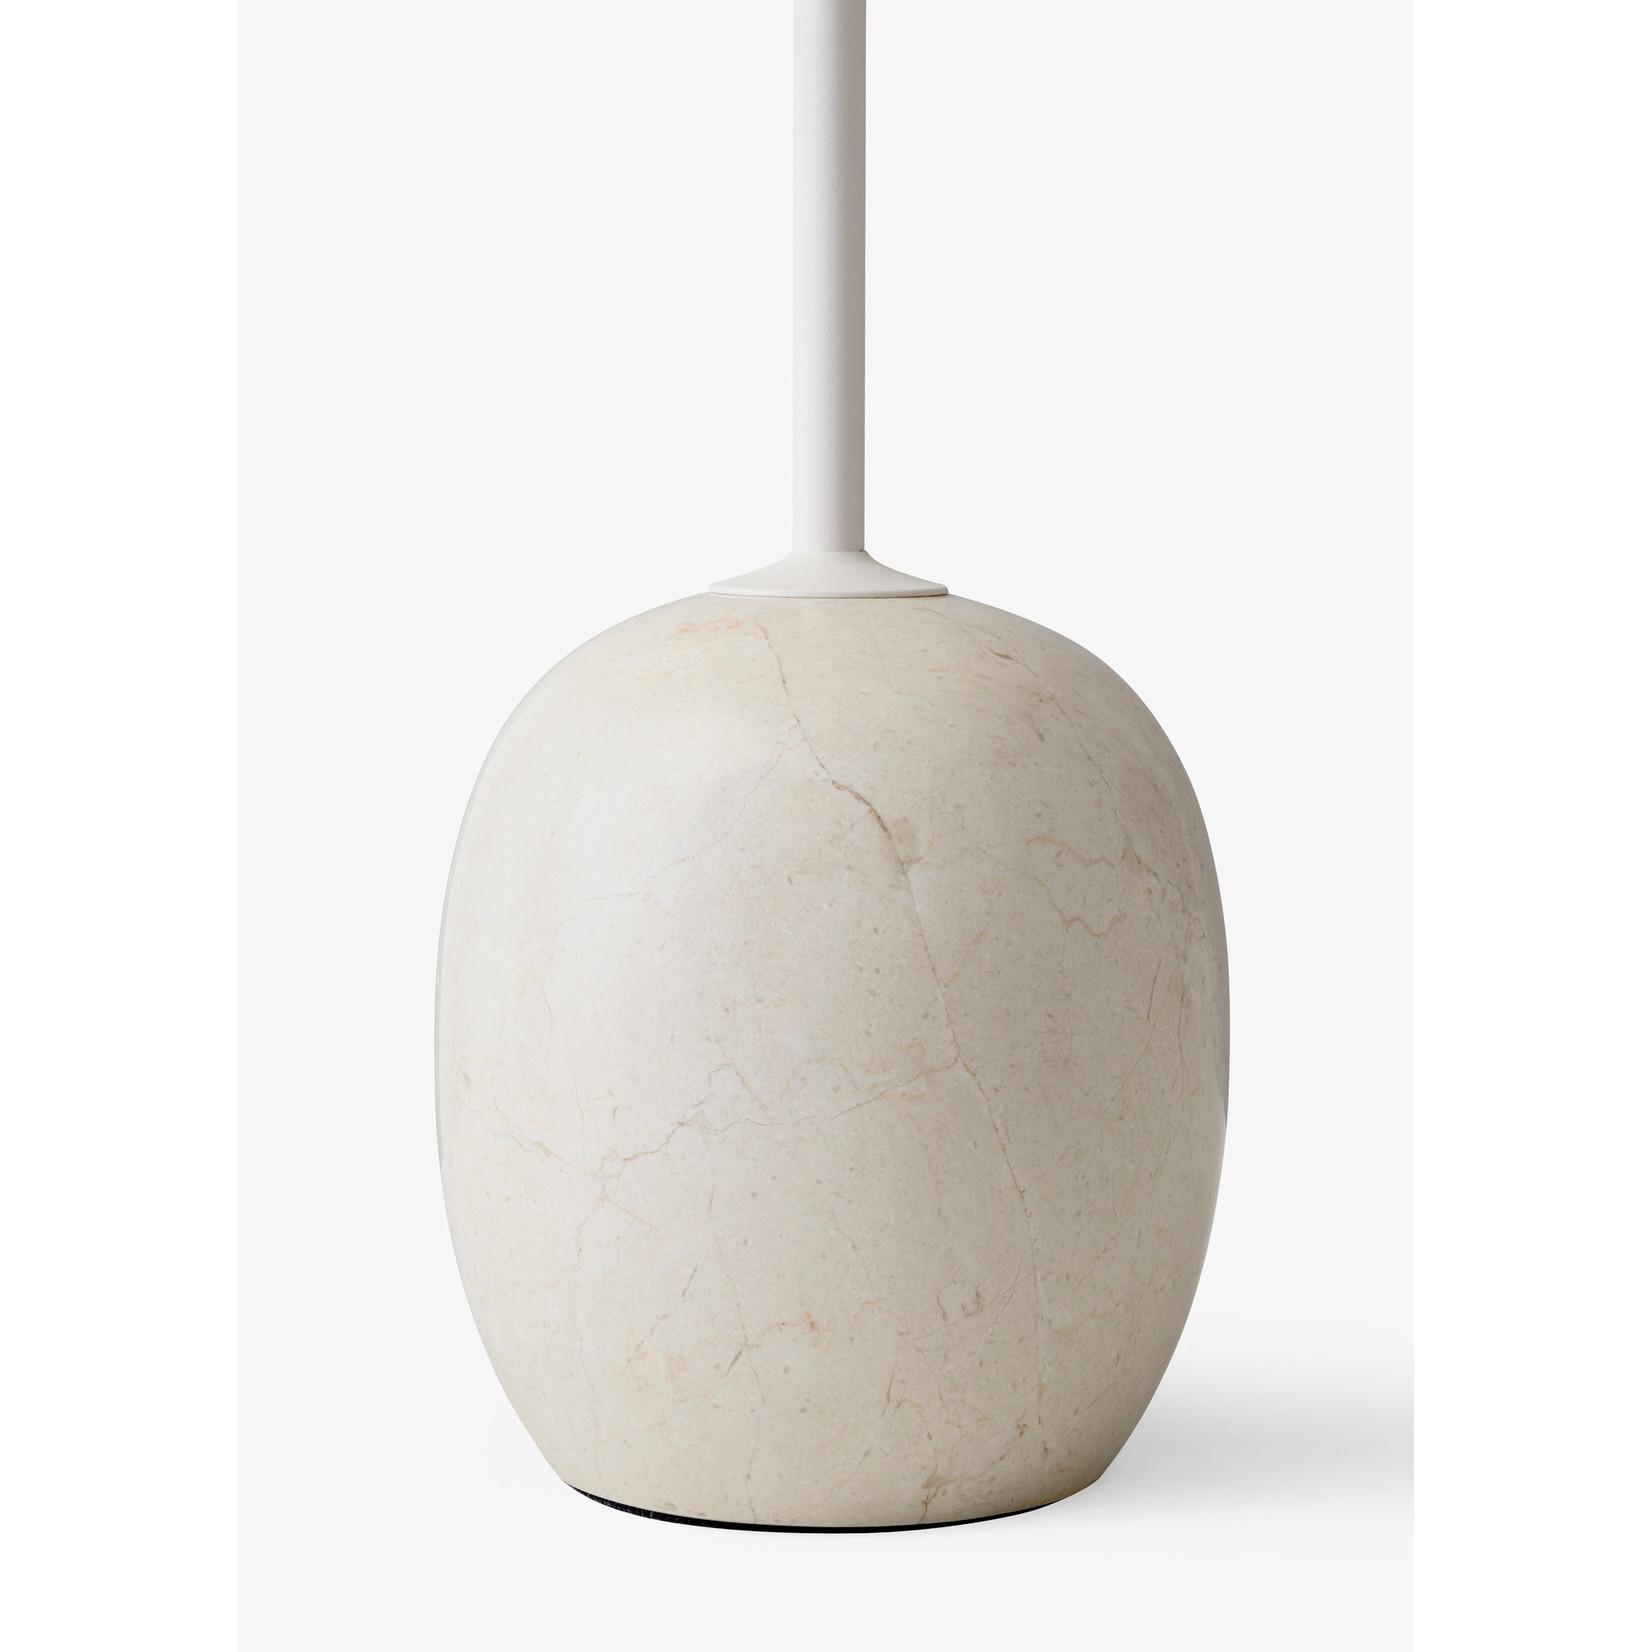 &Tradition Bijzettafel Lato LN9 | Ivory white & Crema Diva marble